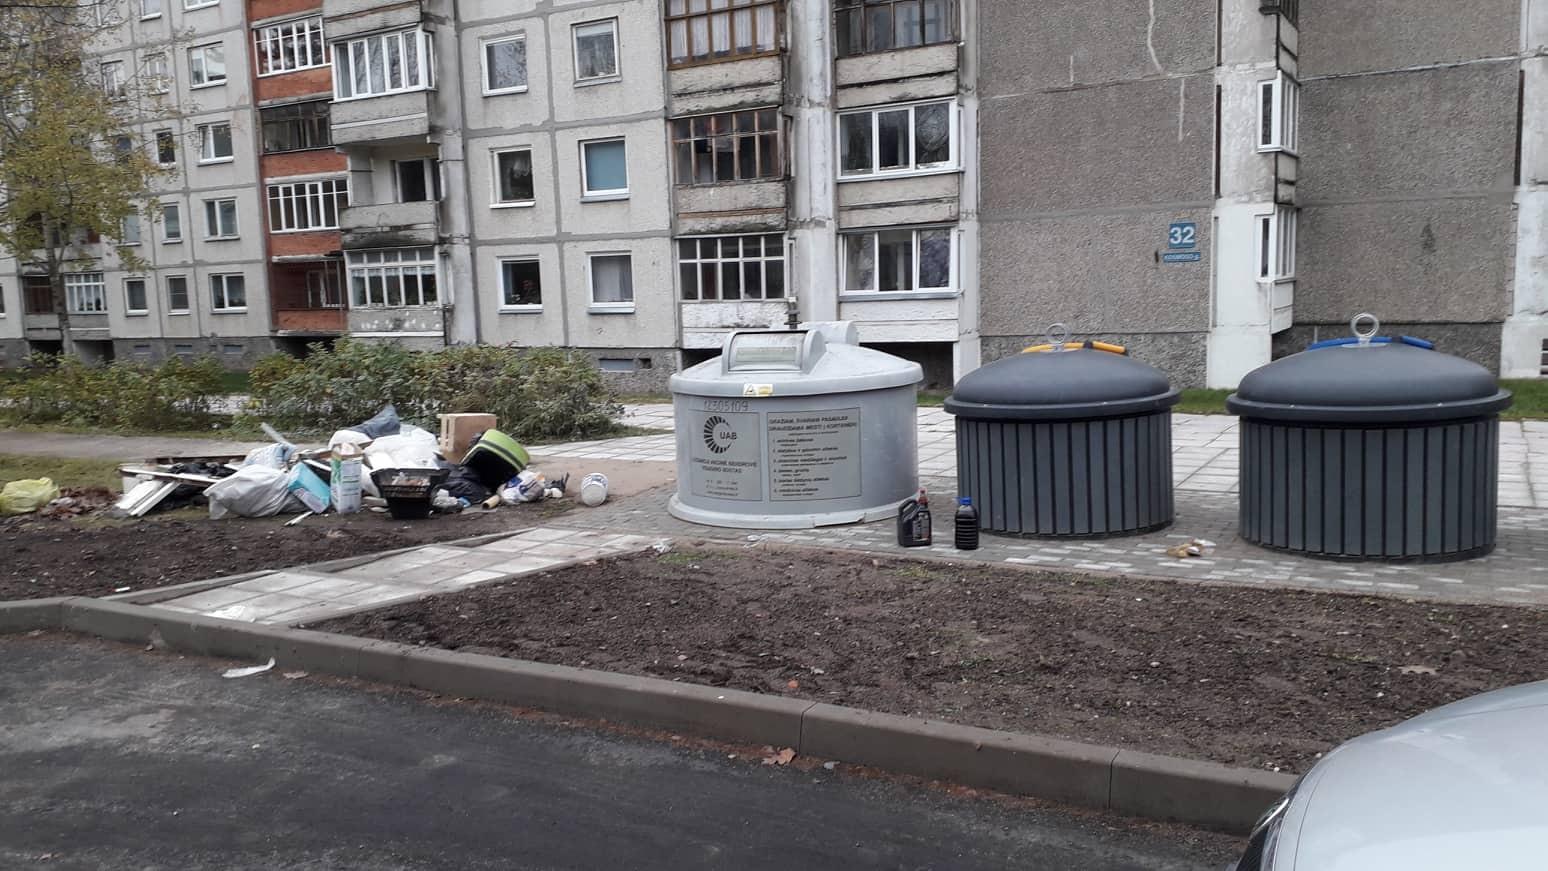 Nauji konteineriai nesukuria tvarkingesnės aplinkos Visagine